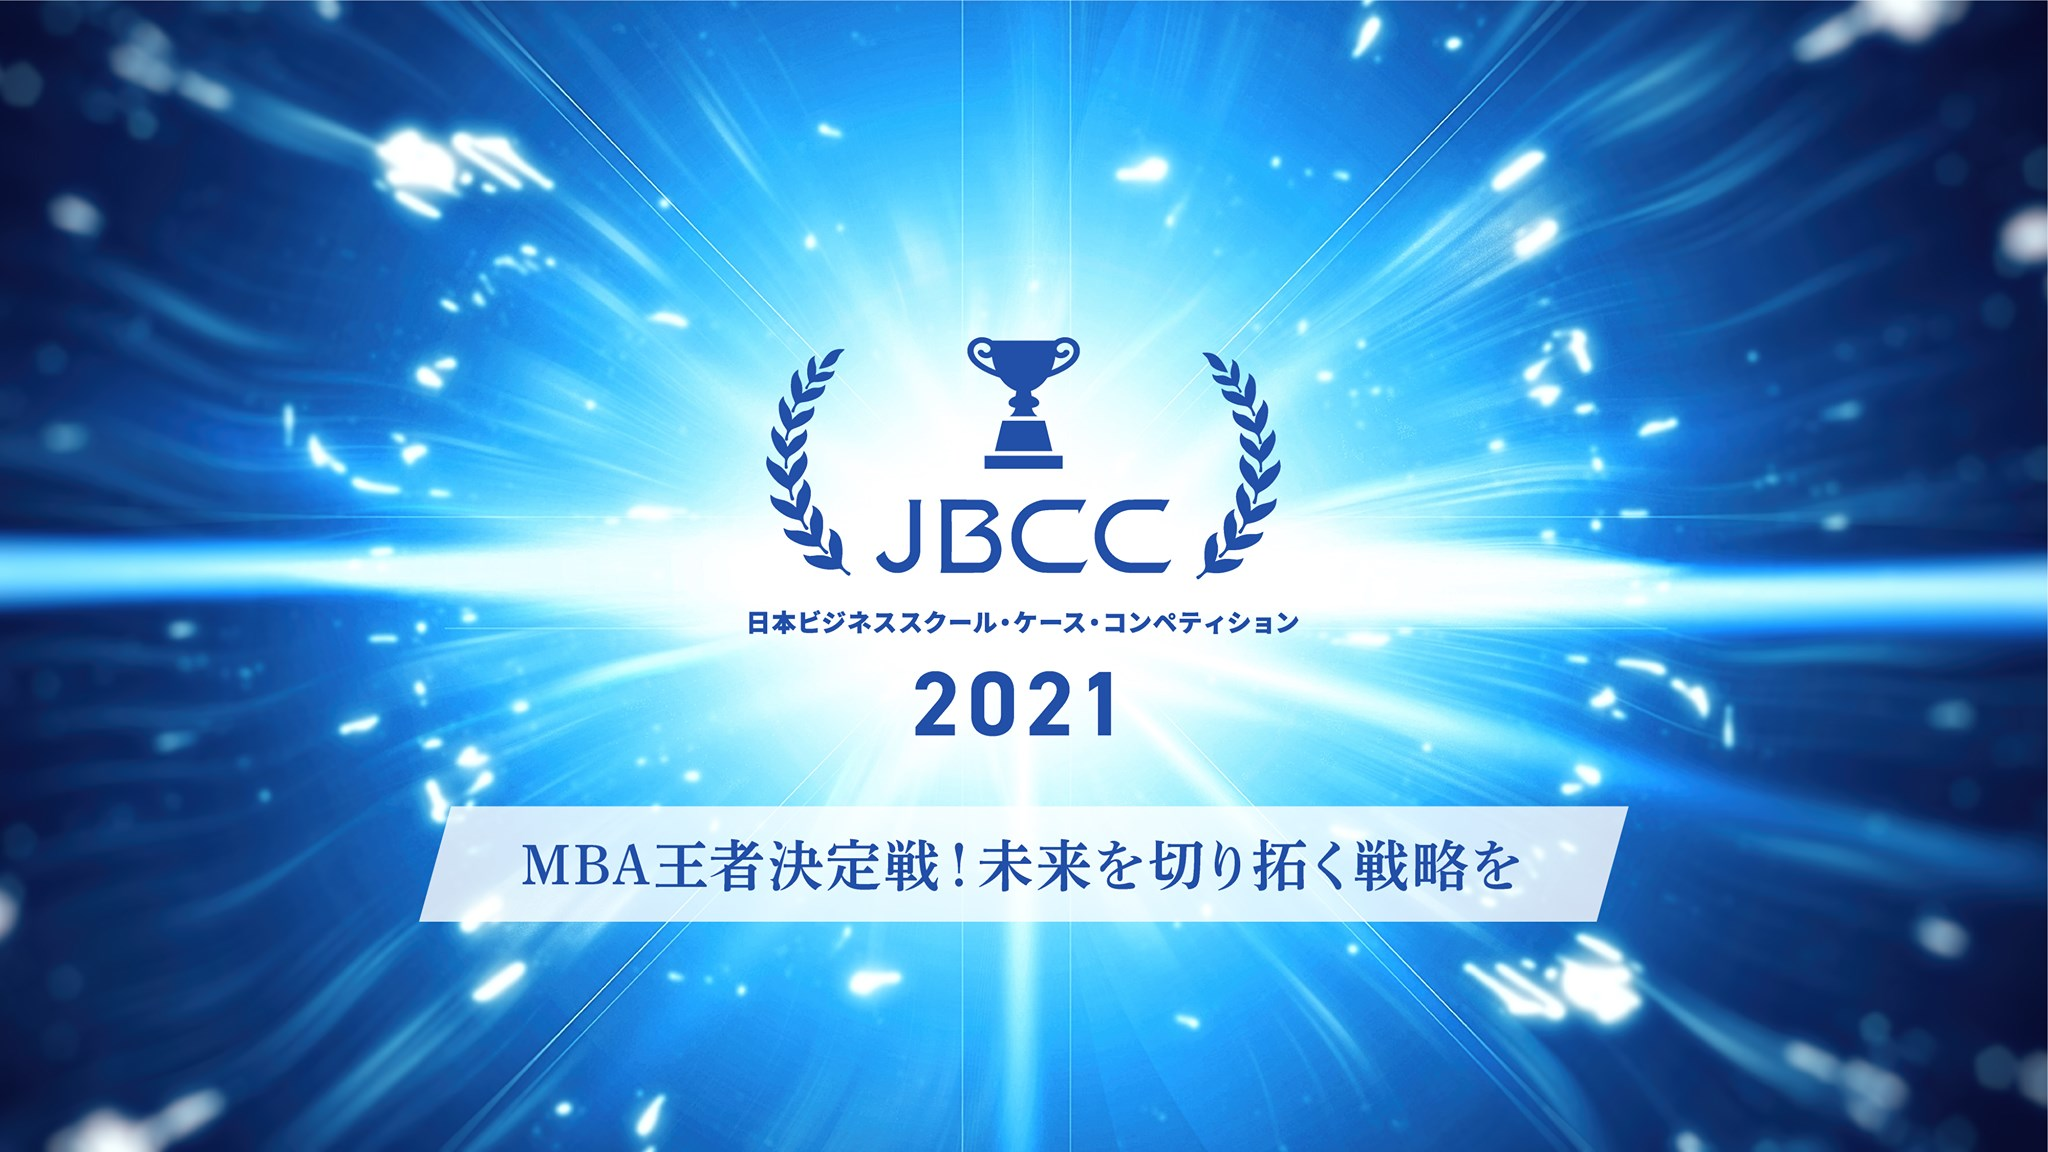 JBCC2021